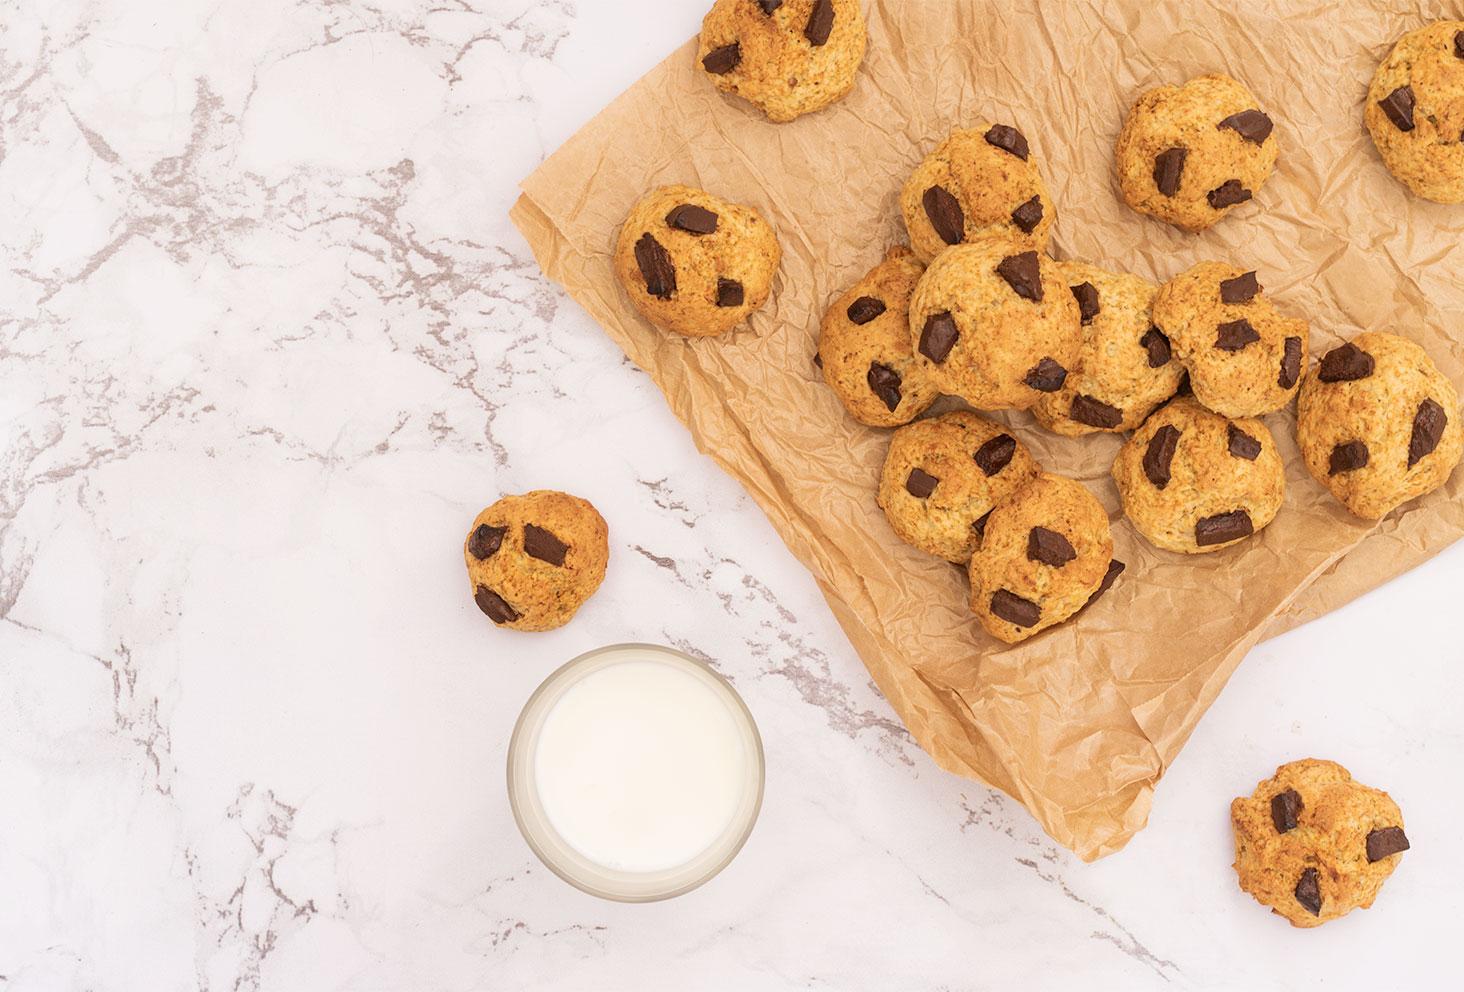 Recette facile de cookies au chocolat avec un verre de lait